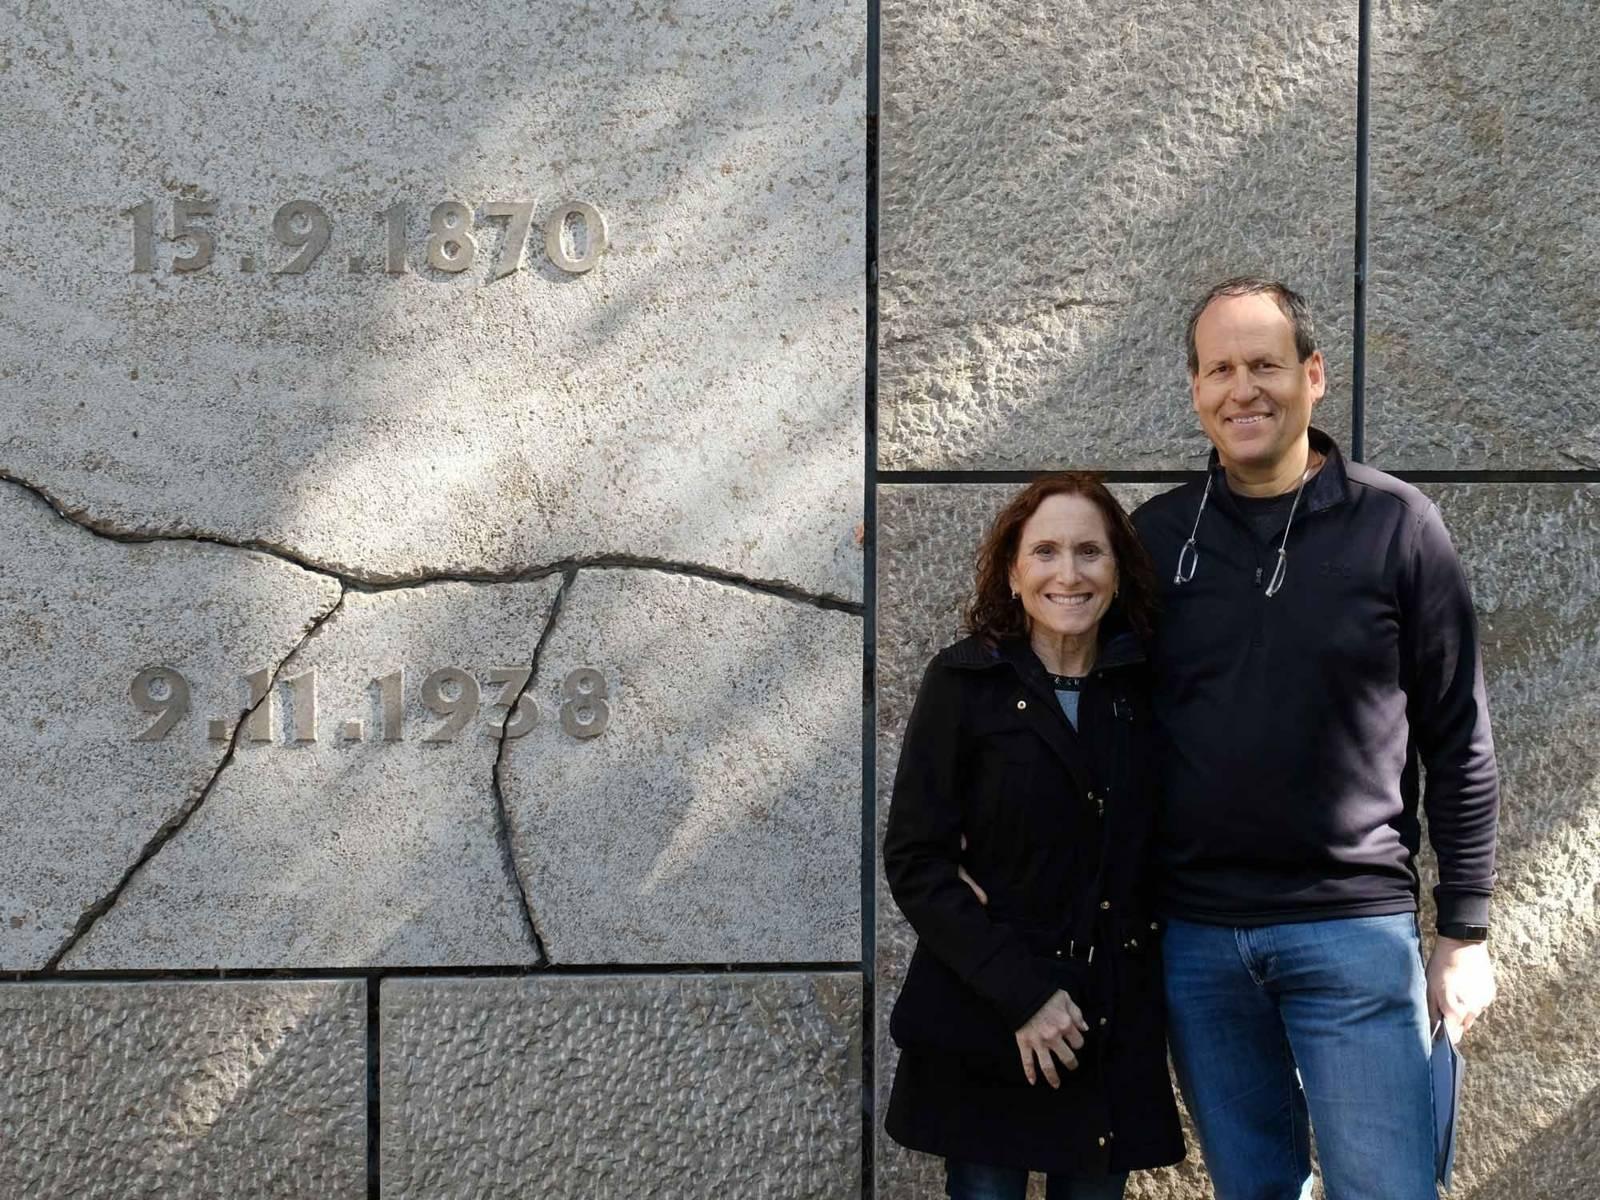 Jonathan und Joy Stern im Gedenkort Neue Synagoge in der Roten Reihe, 2019